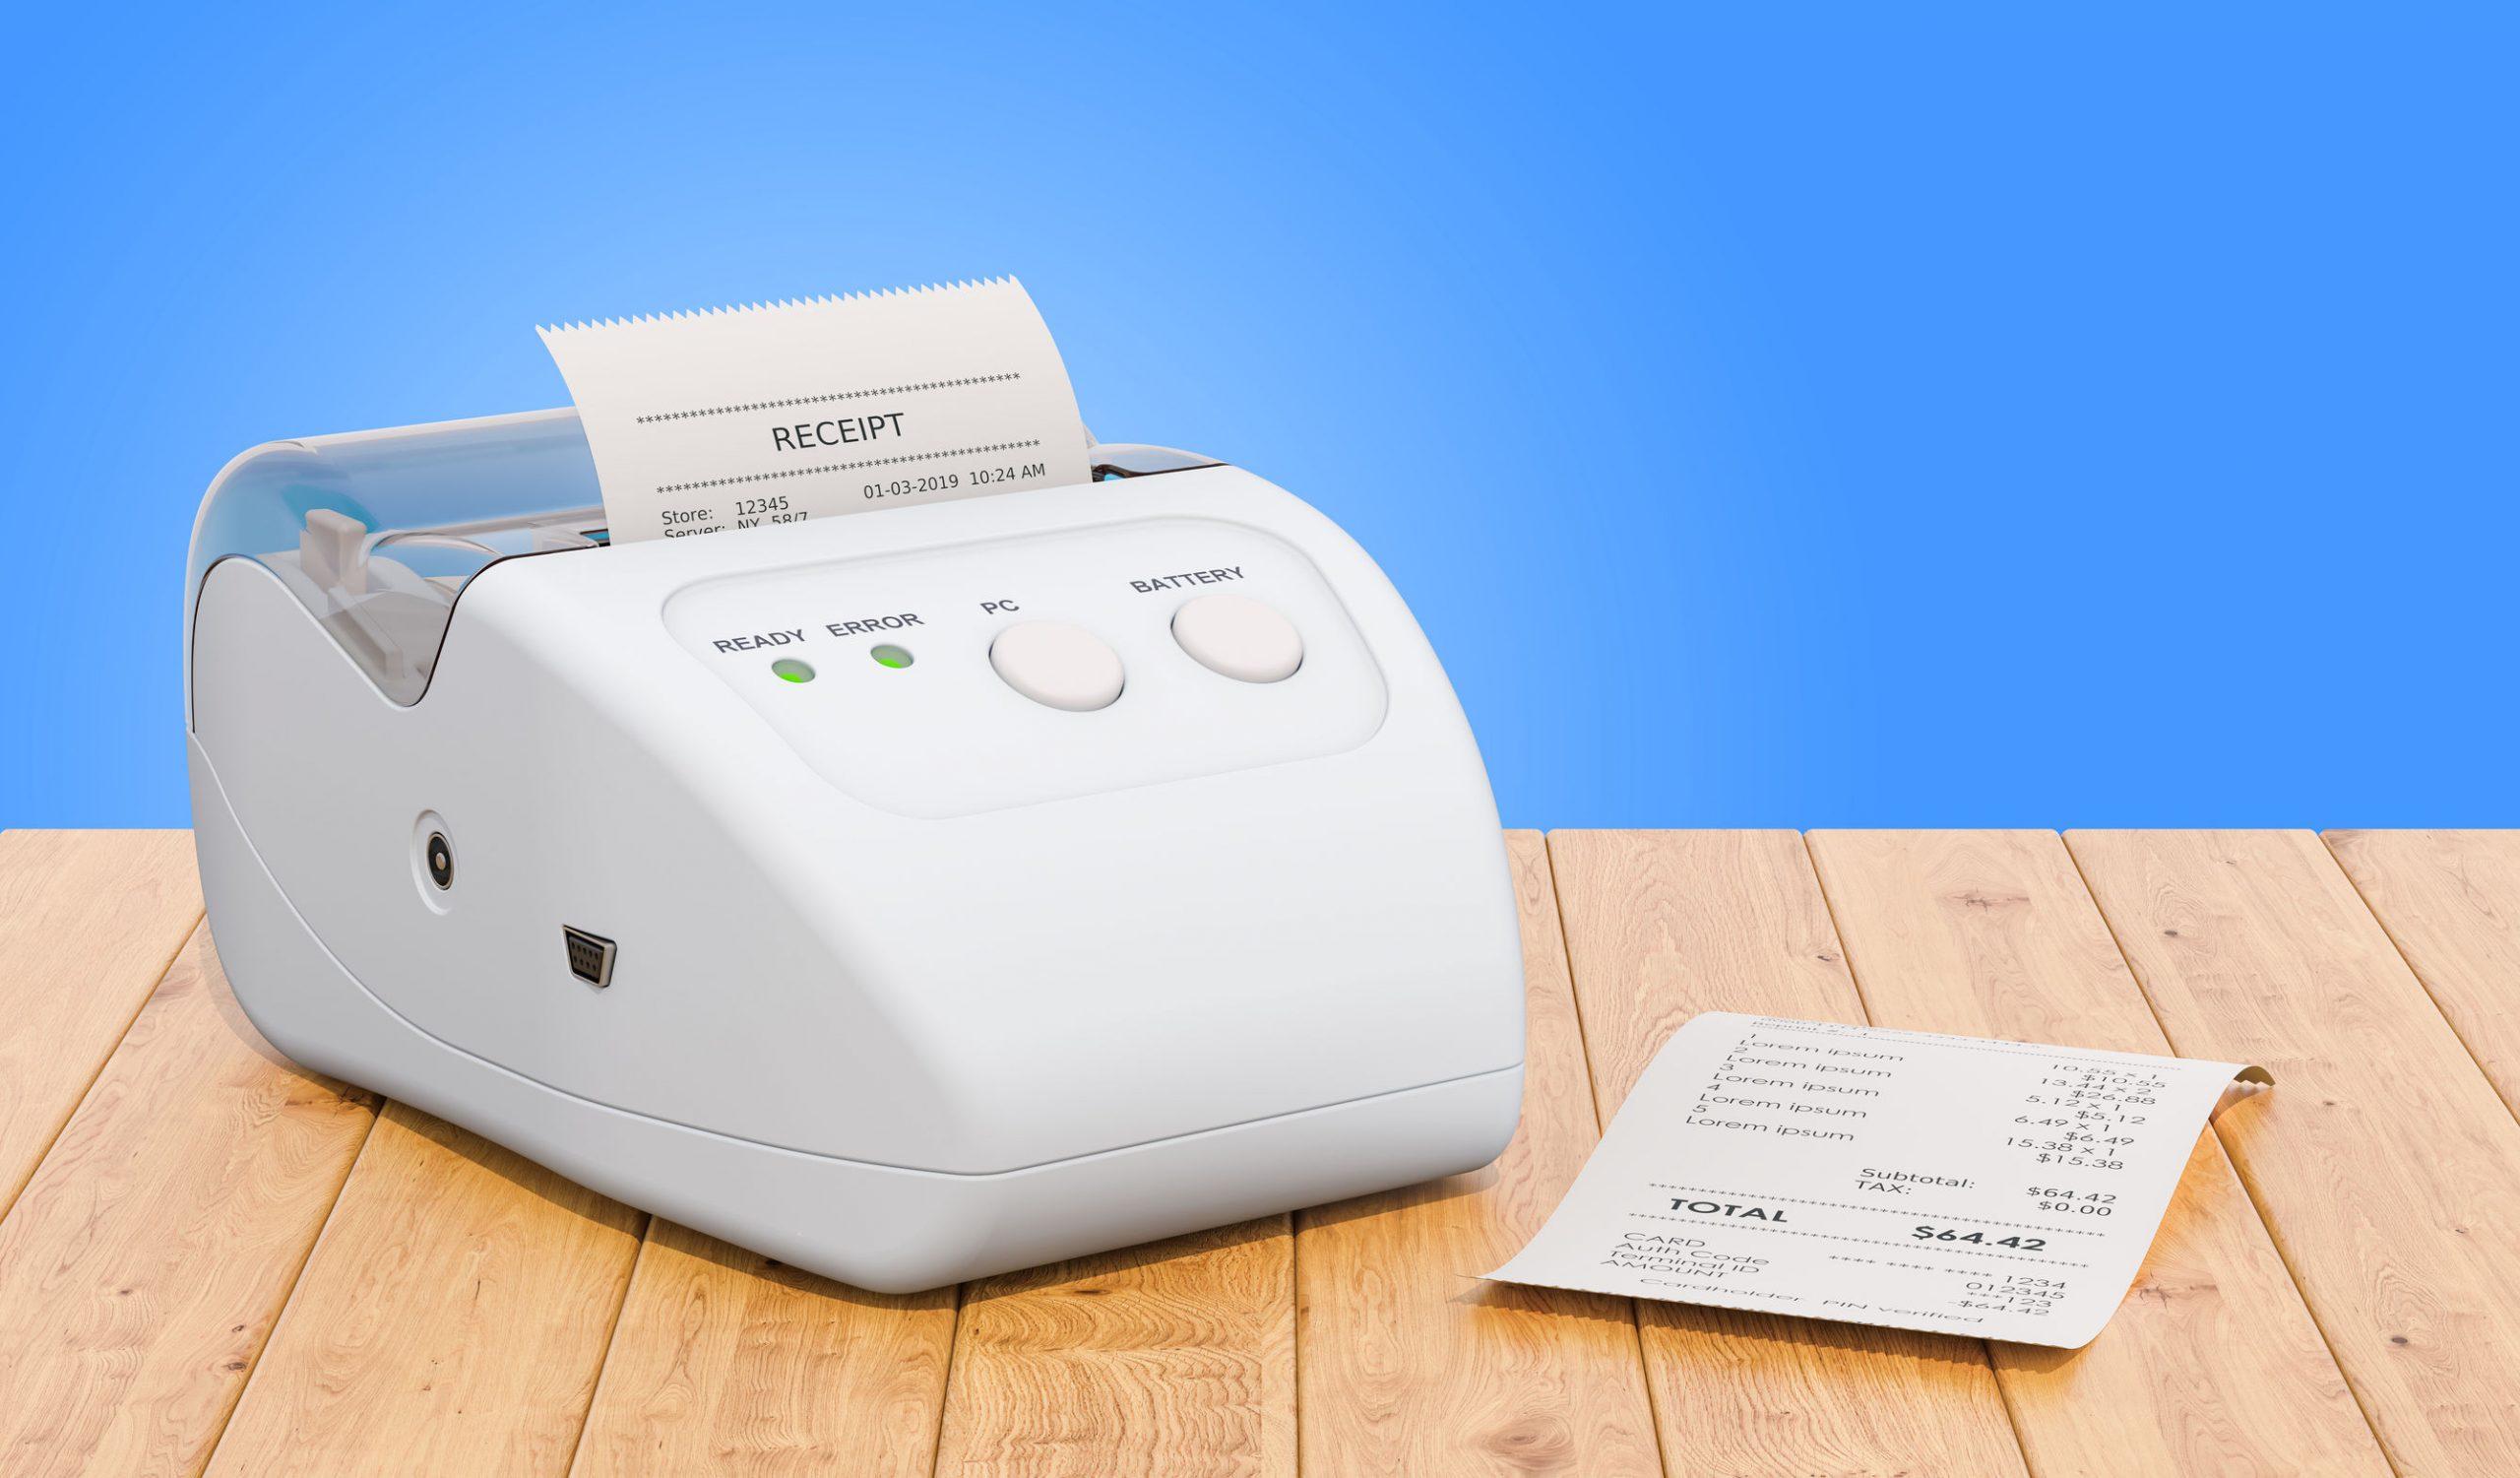 Imagem mostra uma impressora térmica junto a vários papéis com códigos de barras impressos.